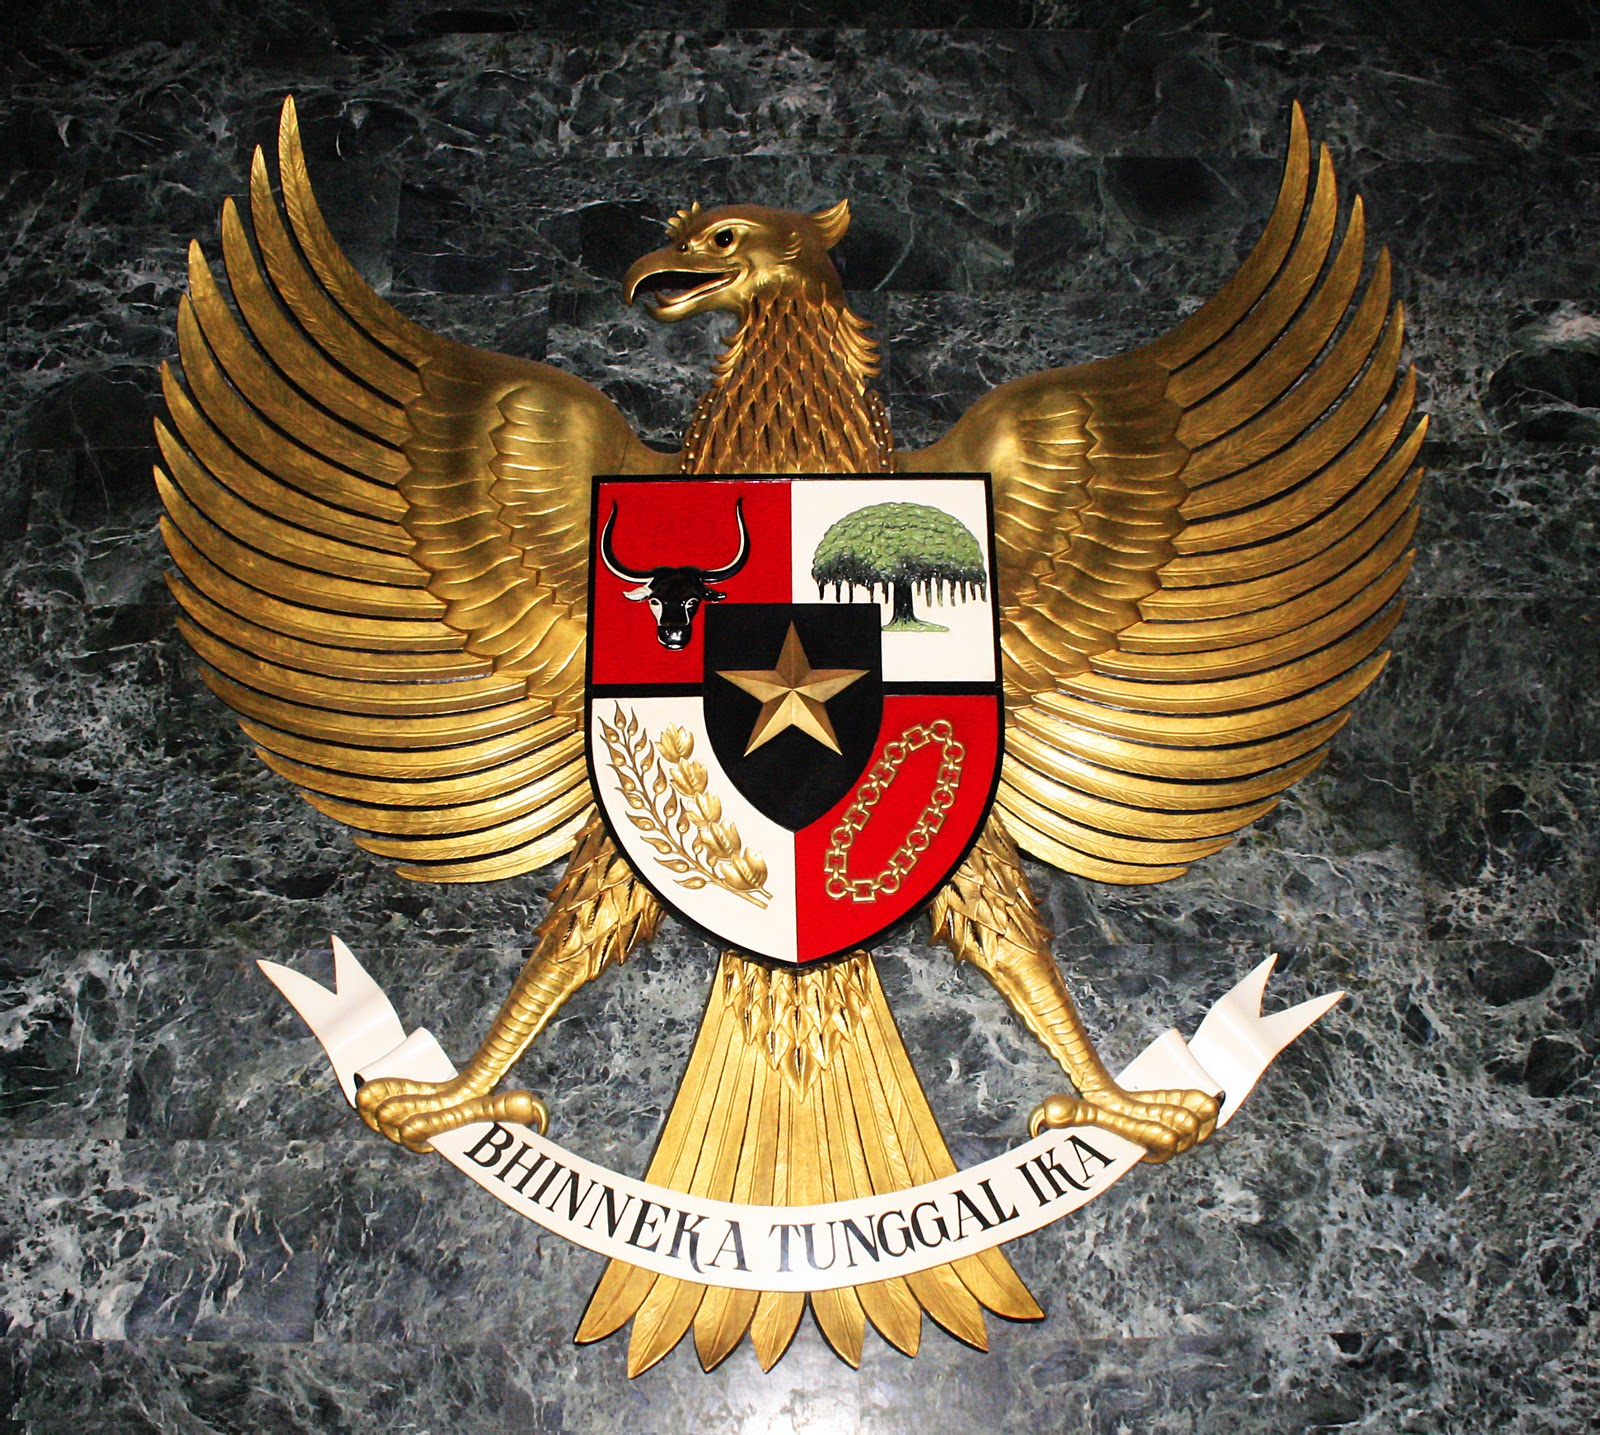 pustaka digital indonesia garuda elang perkasa pelindung indonesia